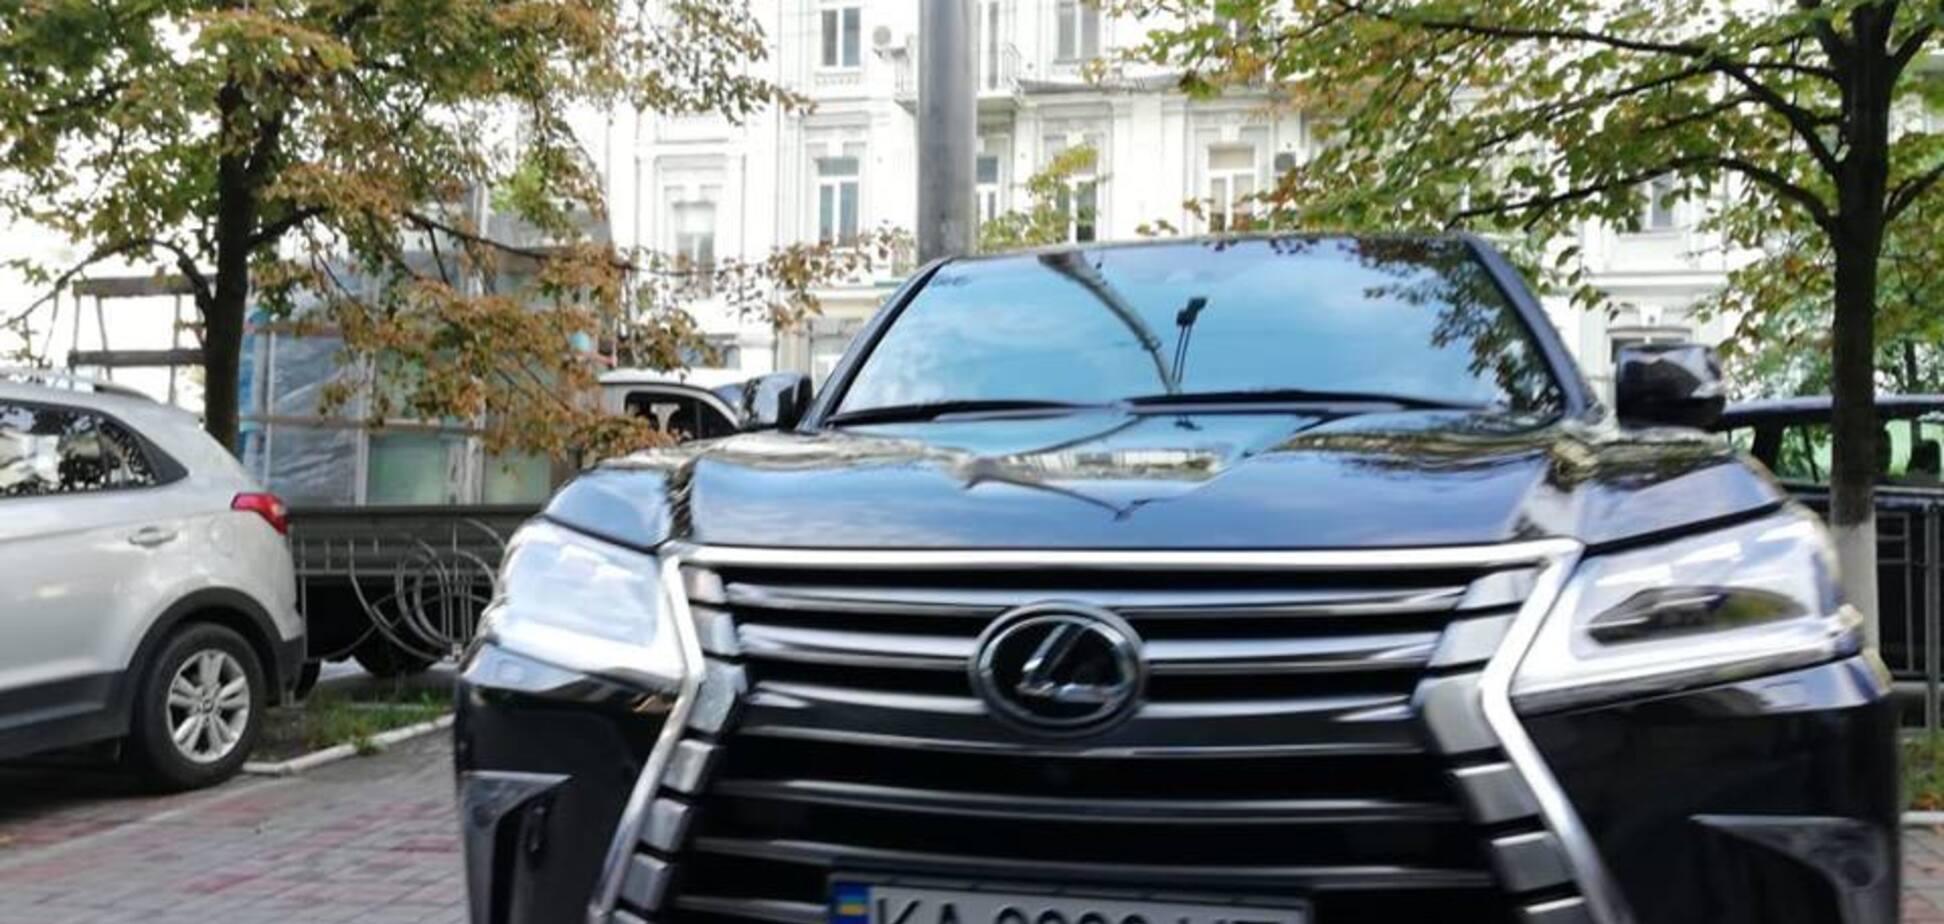 Активисты нашли у зампредседателя ФПУ элитное авто